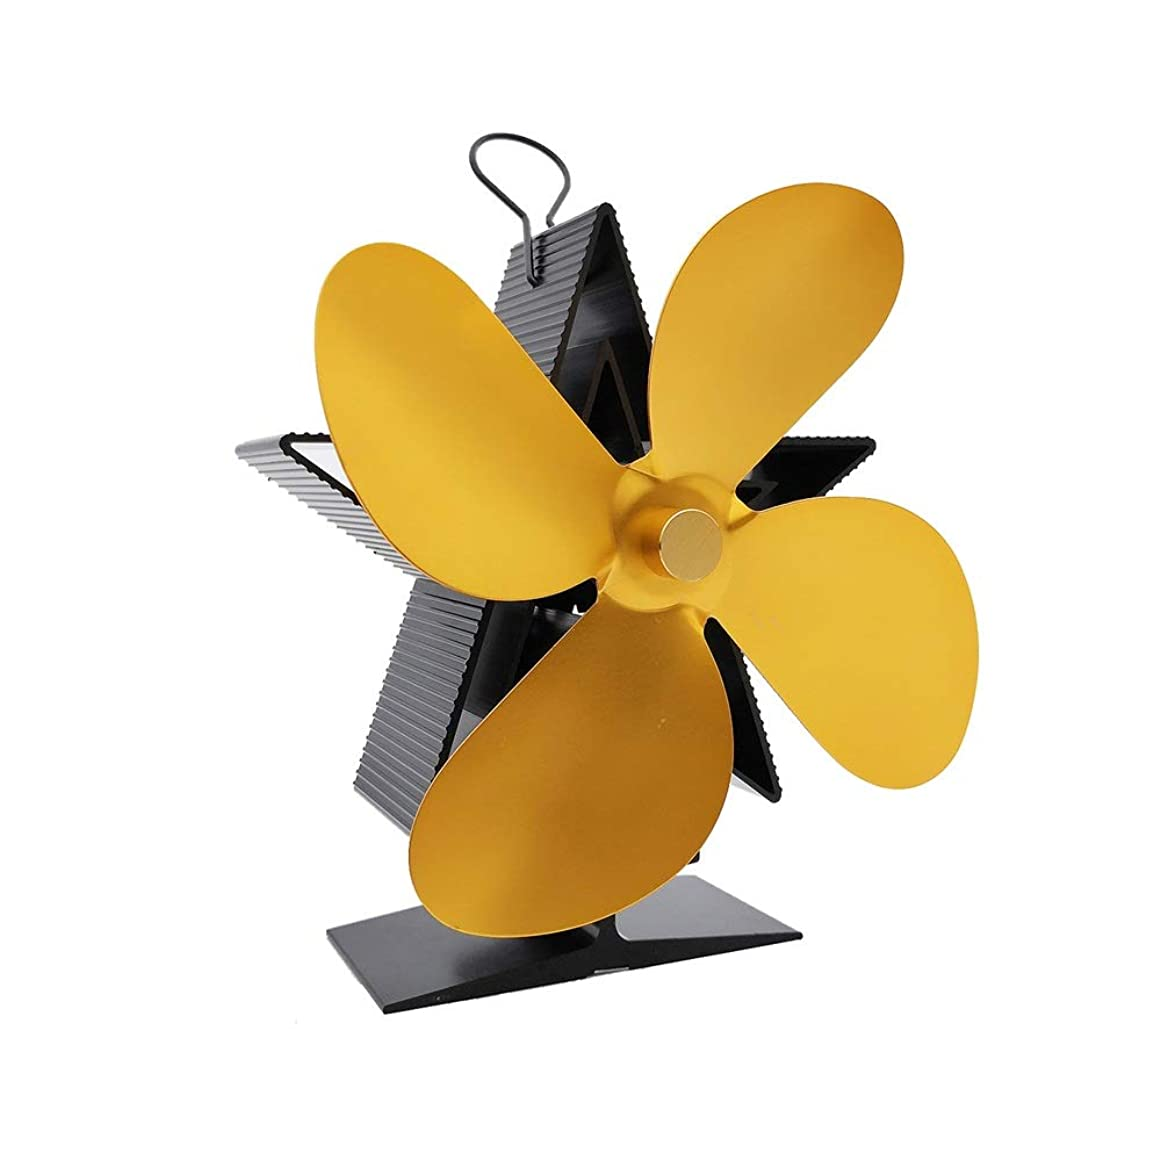 囲い酔っ払い重荷エコファン 火力熱炉ファン 耐久性に優れた4枚羽根熱搭載ファンのために薪ストーブログバーナー暖炉 - エコフレンドリー 暖炉用品 スチール製 ストーブ (色 : ゴールド, サイズ : 18x15x9cm)